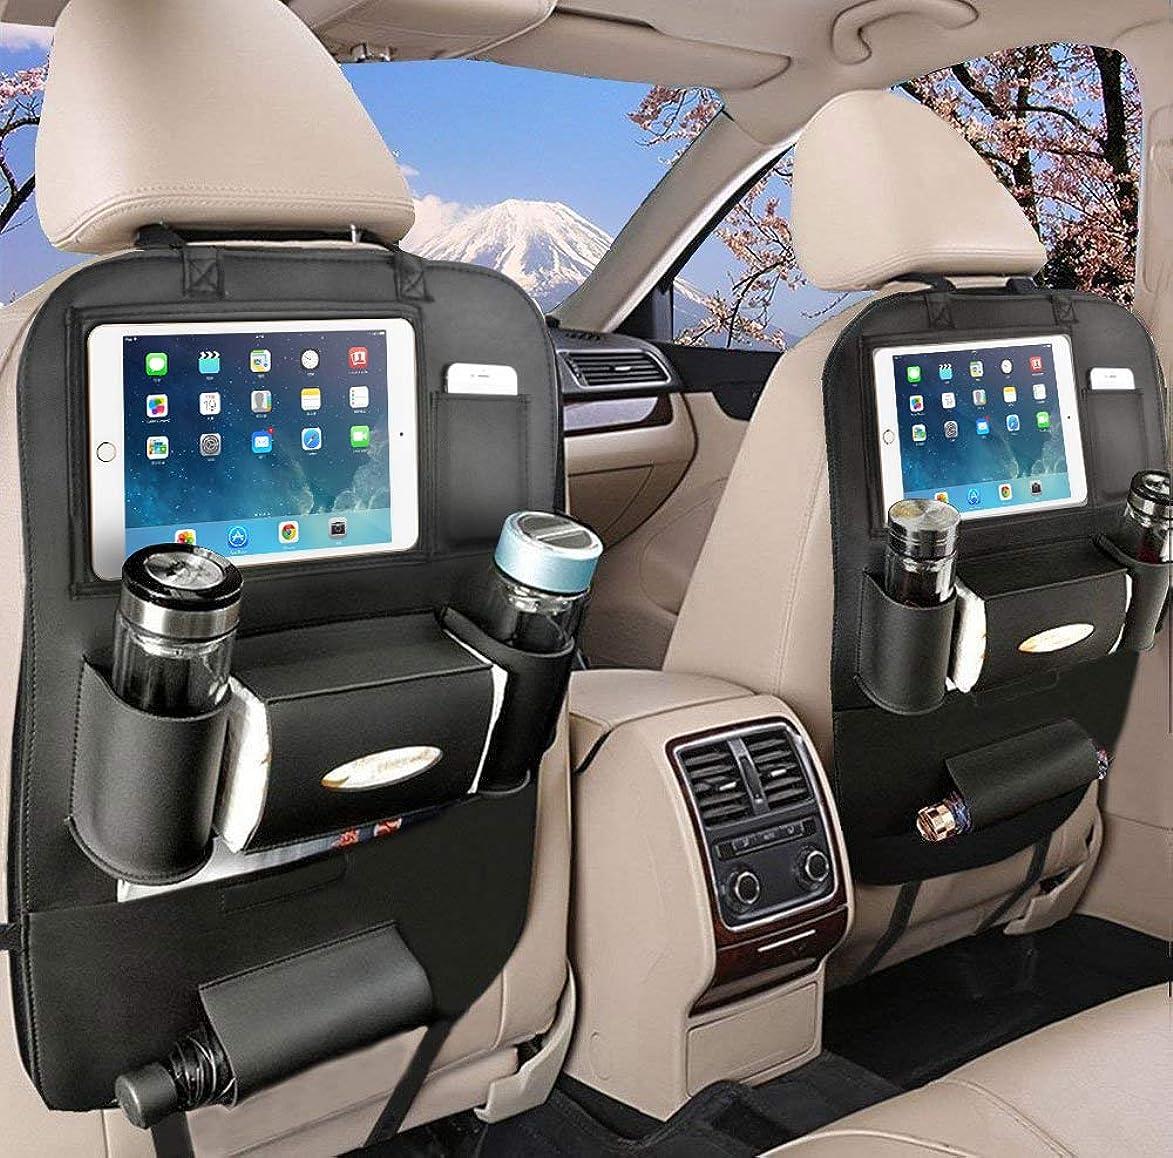 マニアック歯痛廃止するシートバックポケット 1個 後部座席 大容量 スペース 収納ポケット 多機能 ドライブポケット 小物入れ 高級感 車 収納 ティッシュ キックガード